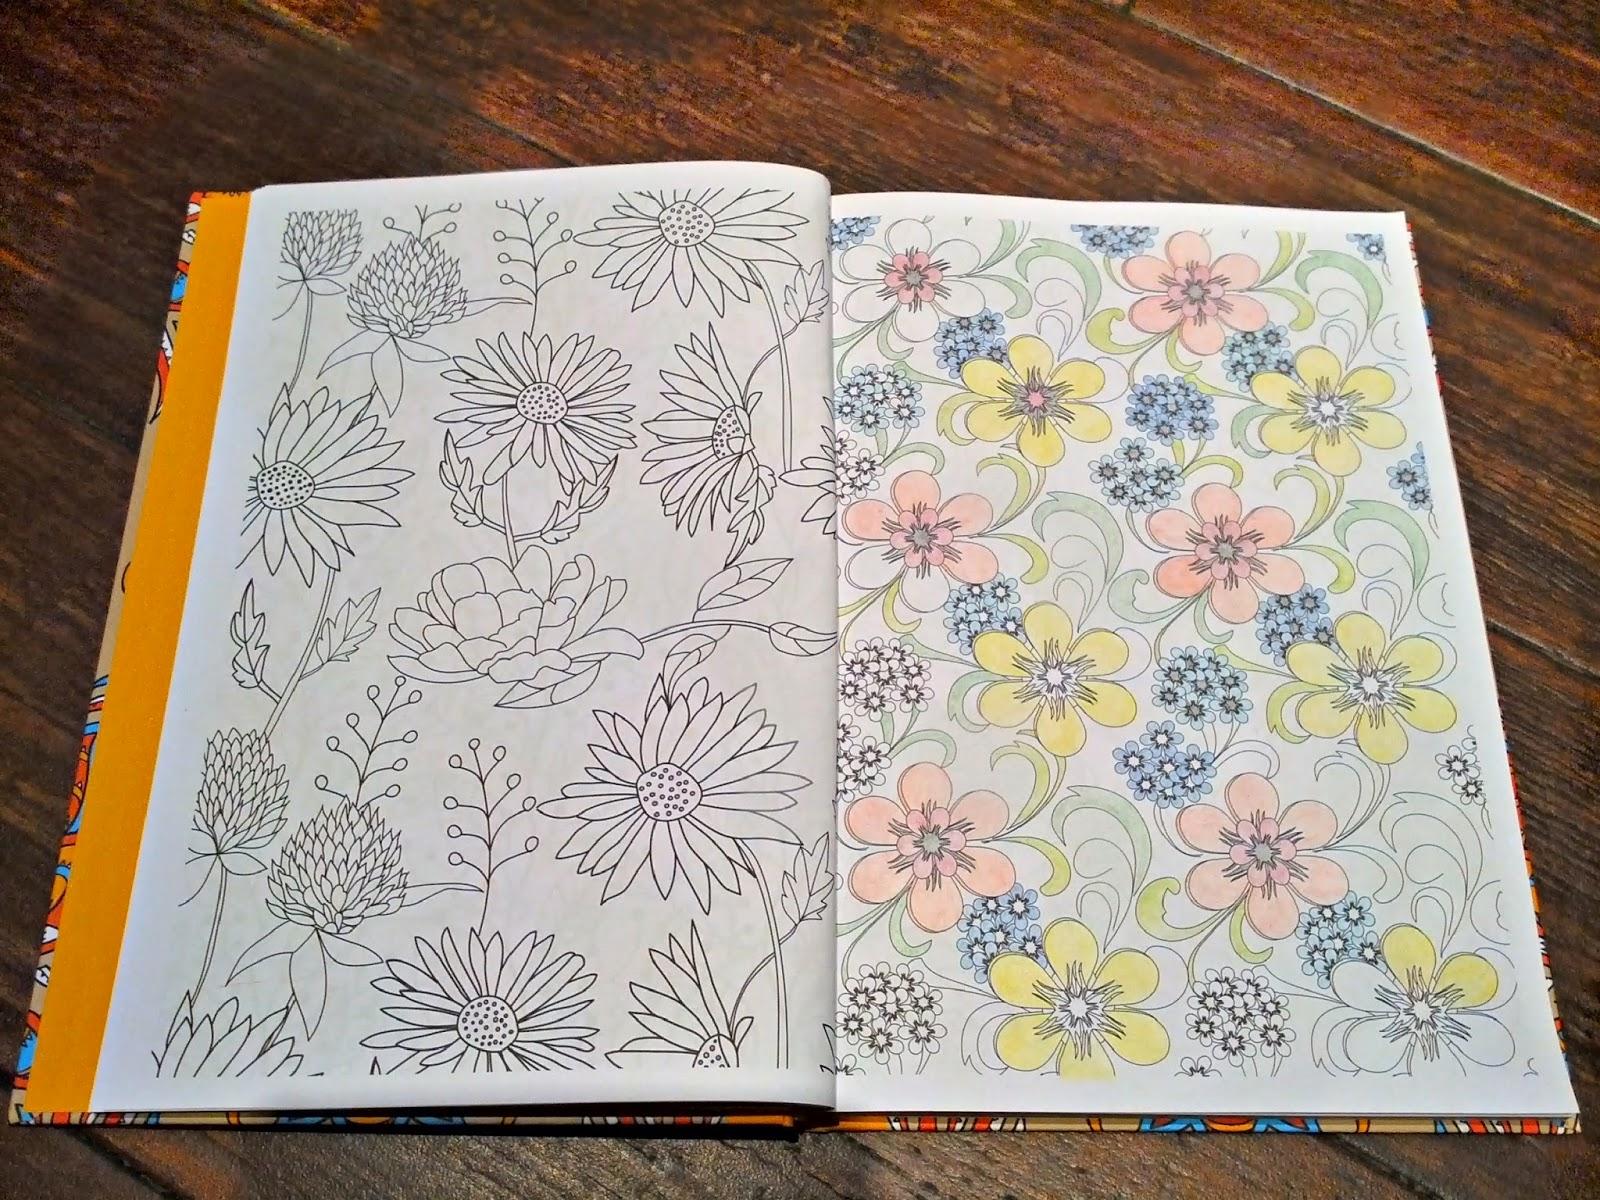 Arte antiestrés: 100 láminas para colorear | El universo de los ...